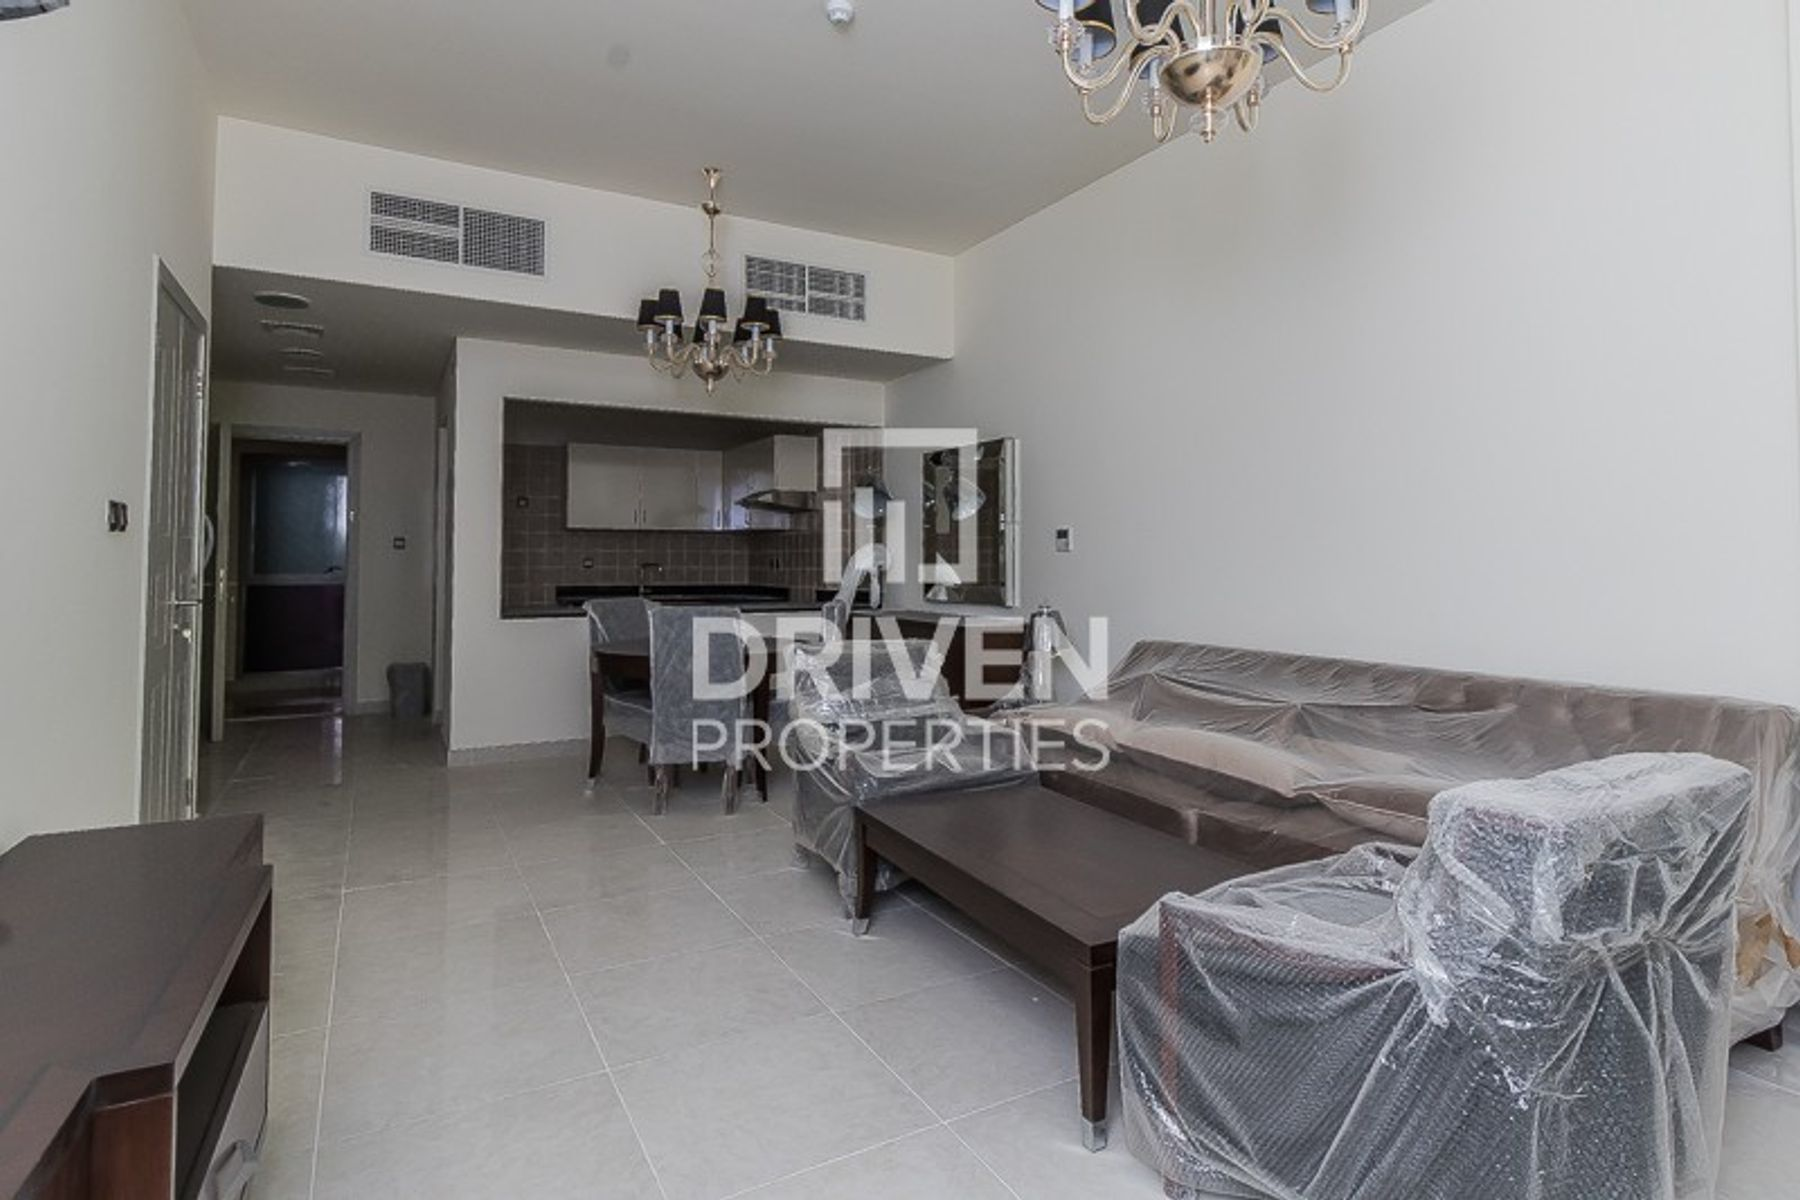 814 قدم مربع  شقة - للايجار - ميدان